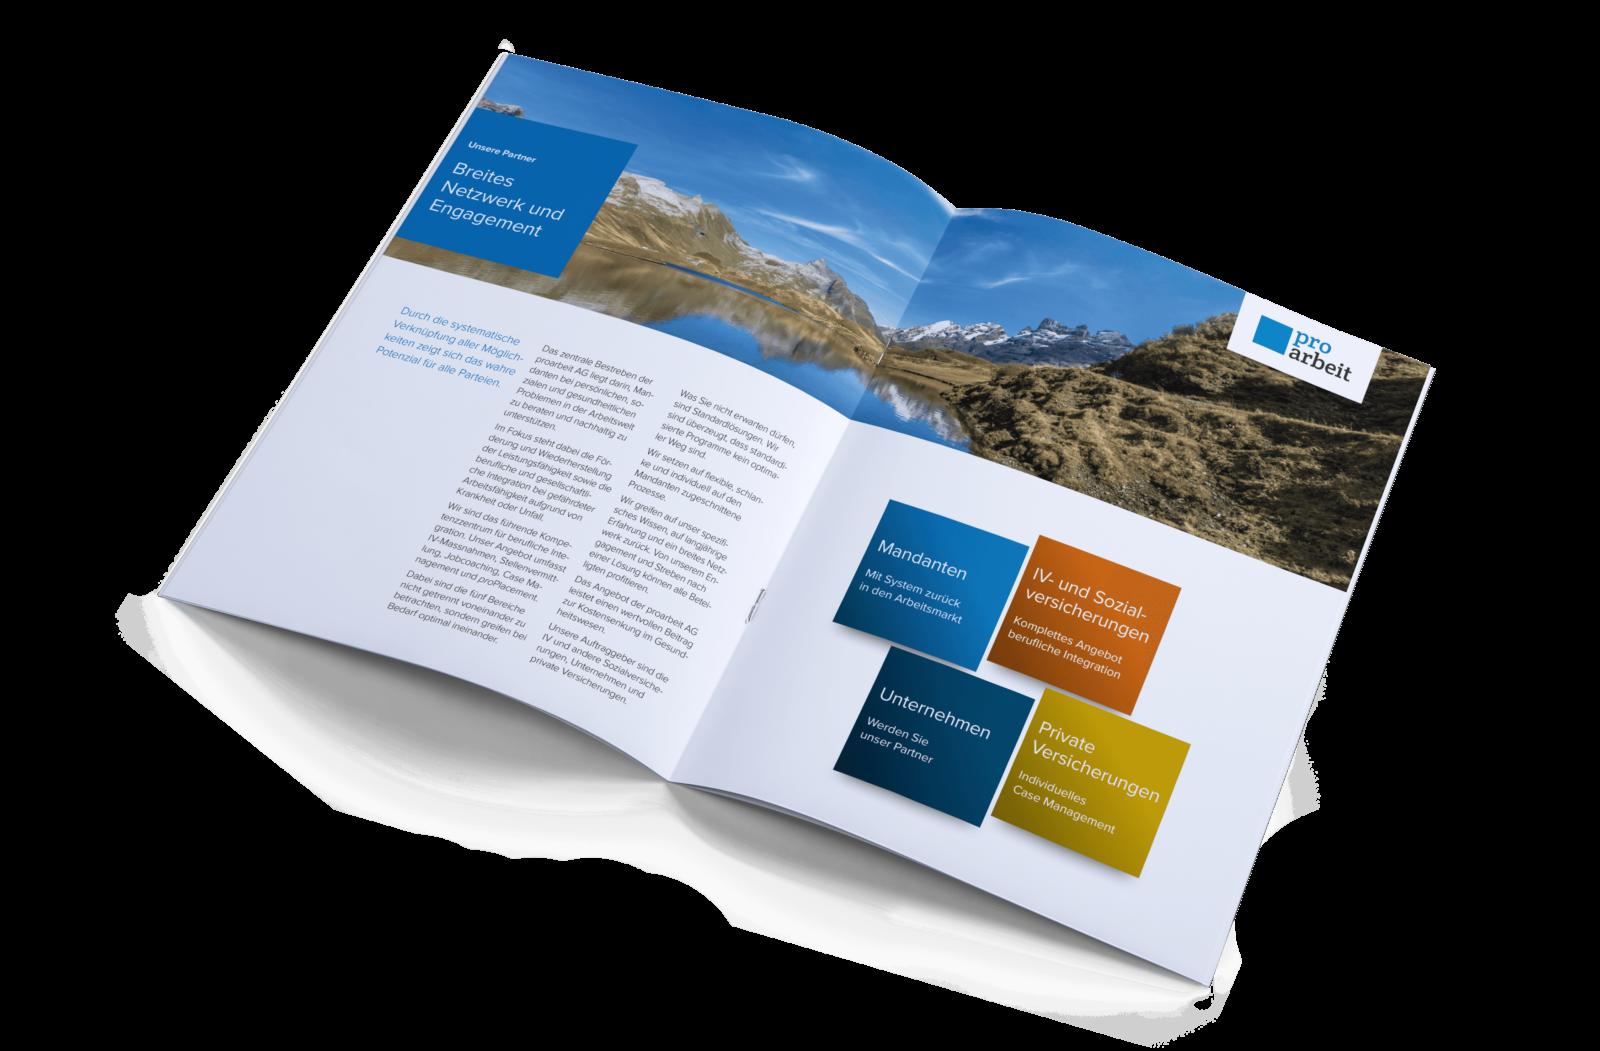 PRO ARBEIT AG –Broschürenkonzept und Umsetzung Imagebroschüre